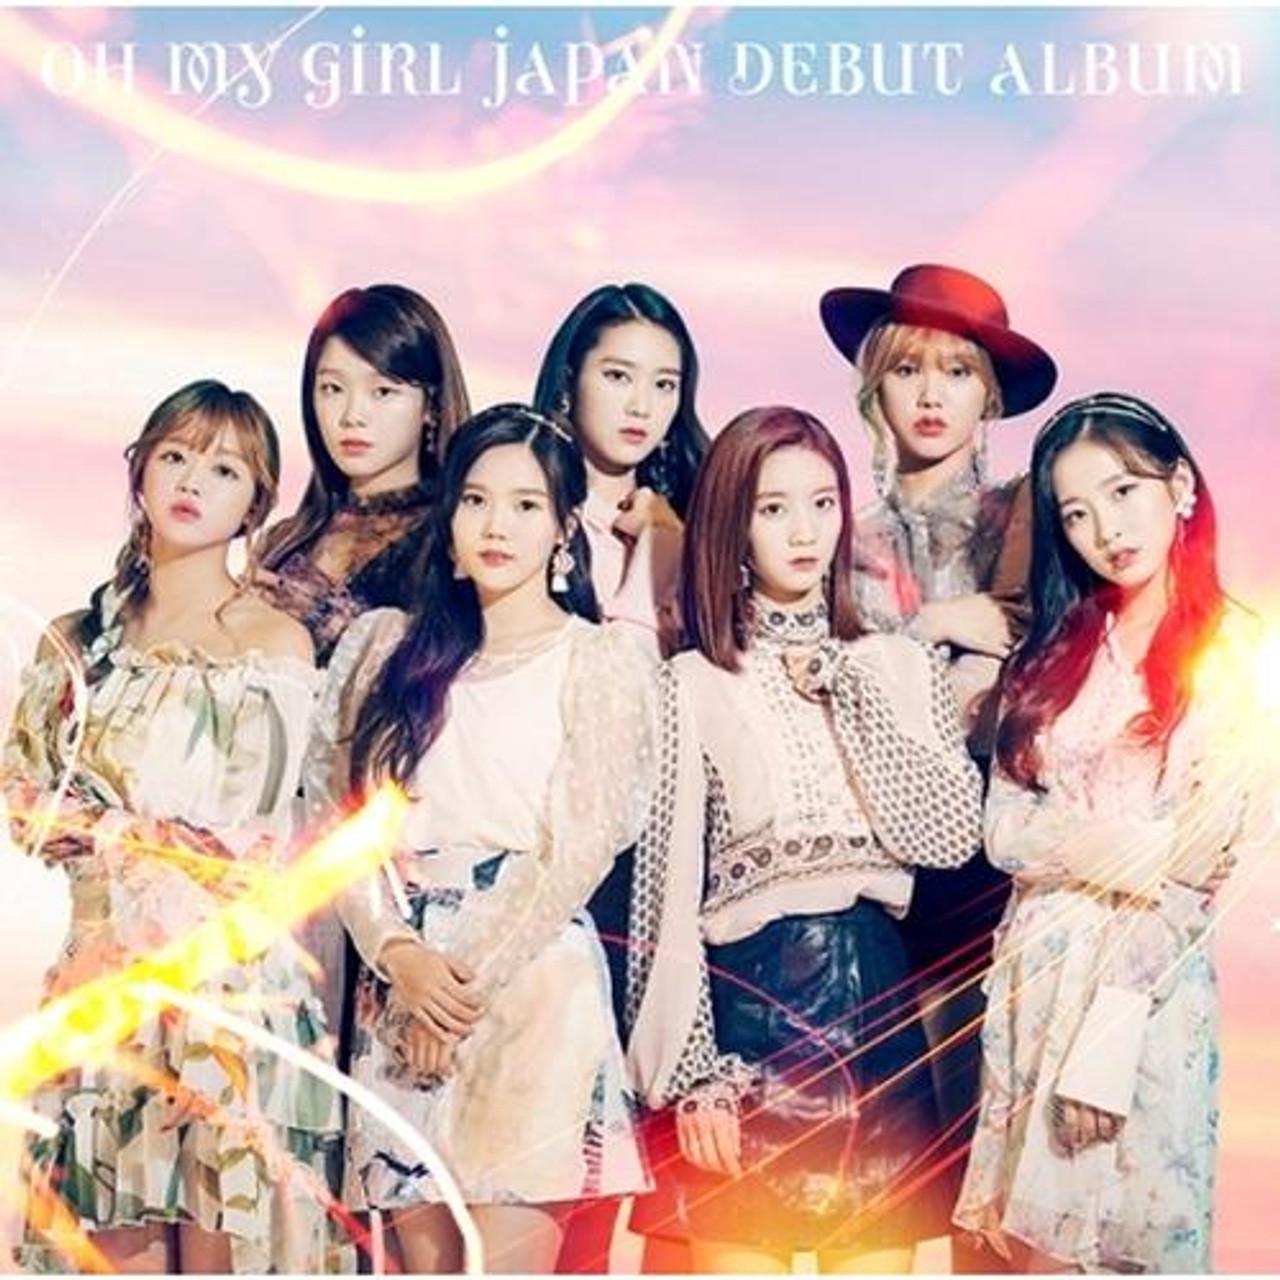 OH MY GIRL - JAPAN DEBUT ALBUM